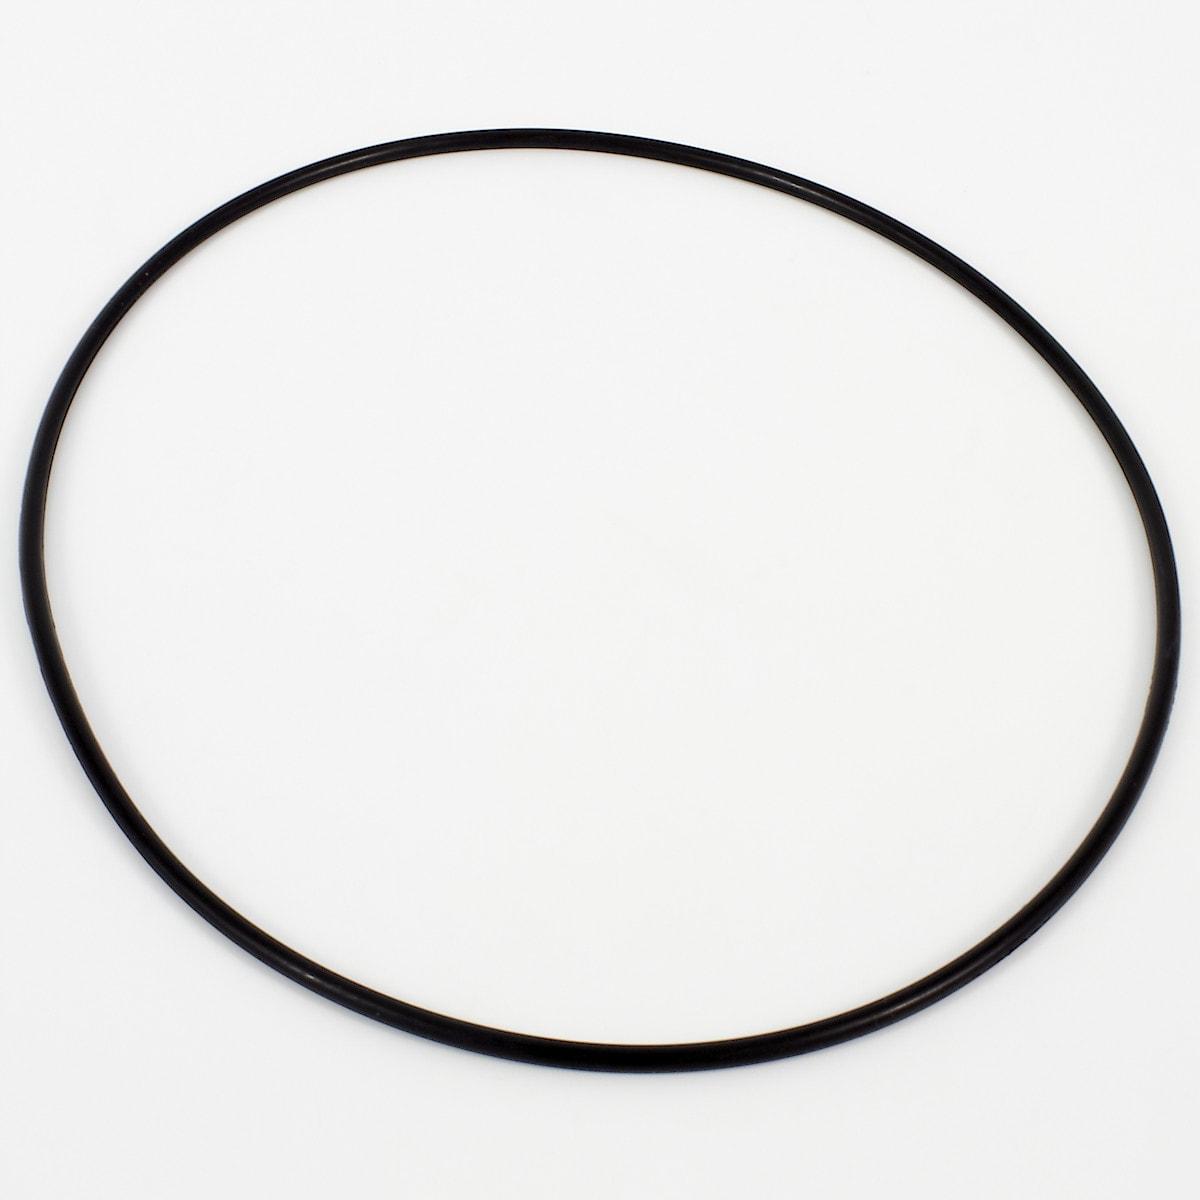 O-ring Cotech